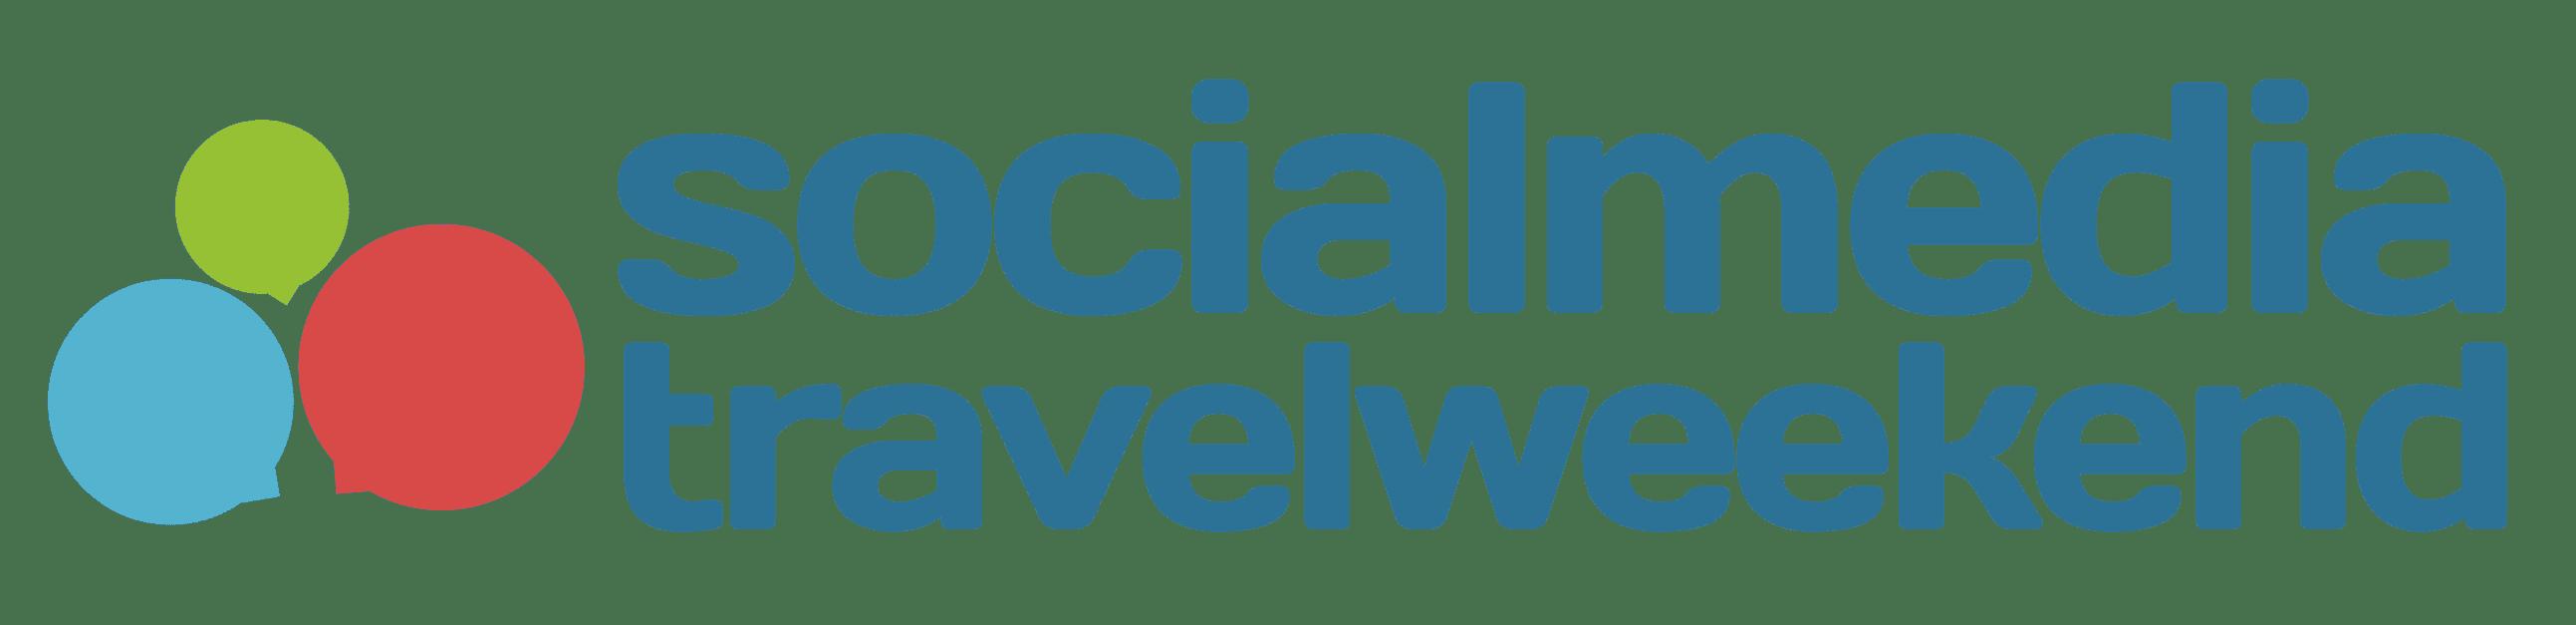 social media travel weekend